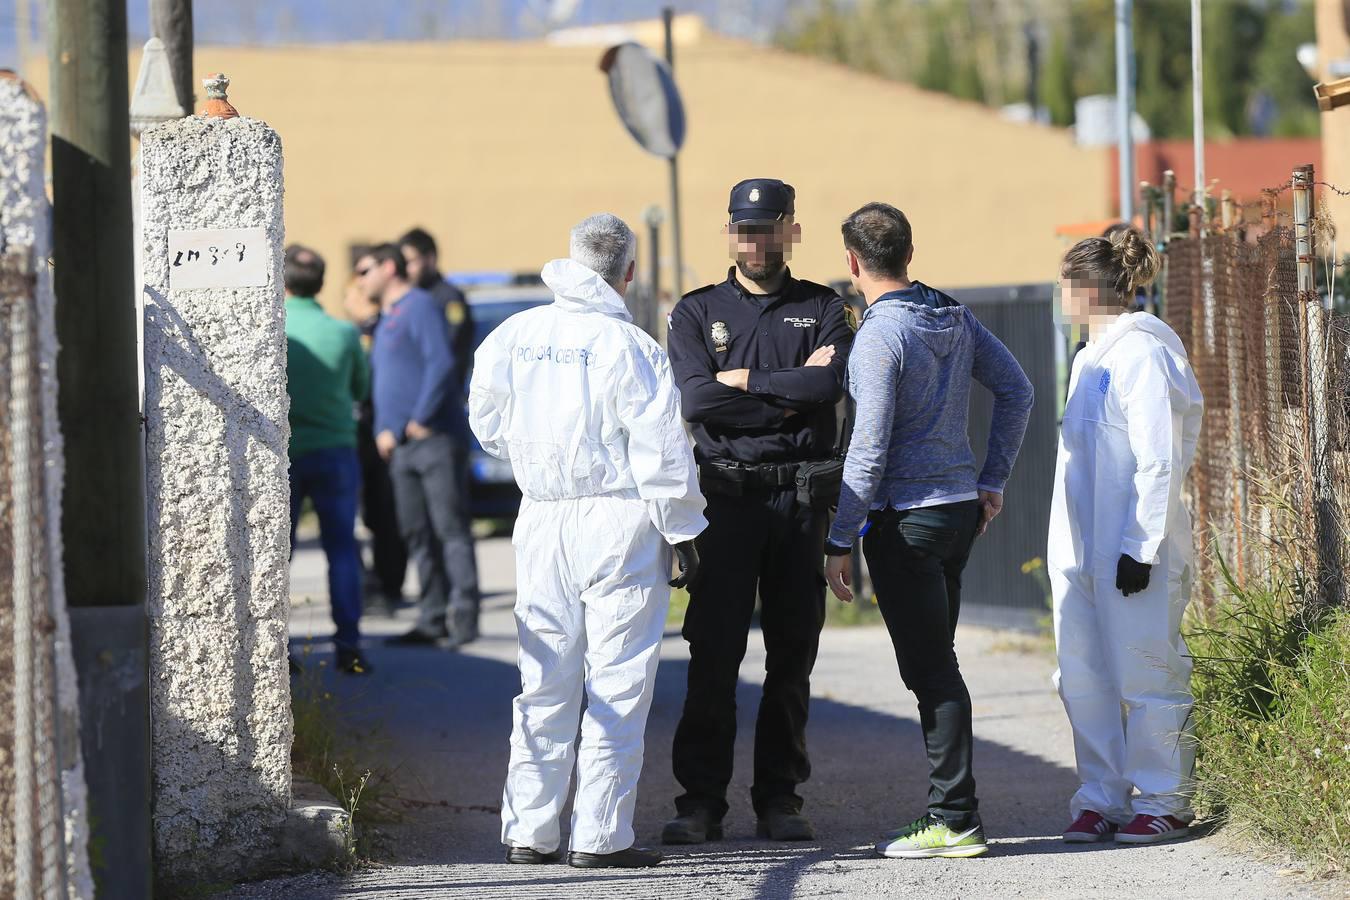 Un maltratador mata a cuchilladas al padre y hiere a la hija de su exnovia en Castellón